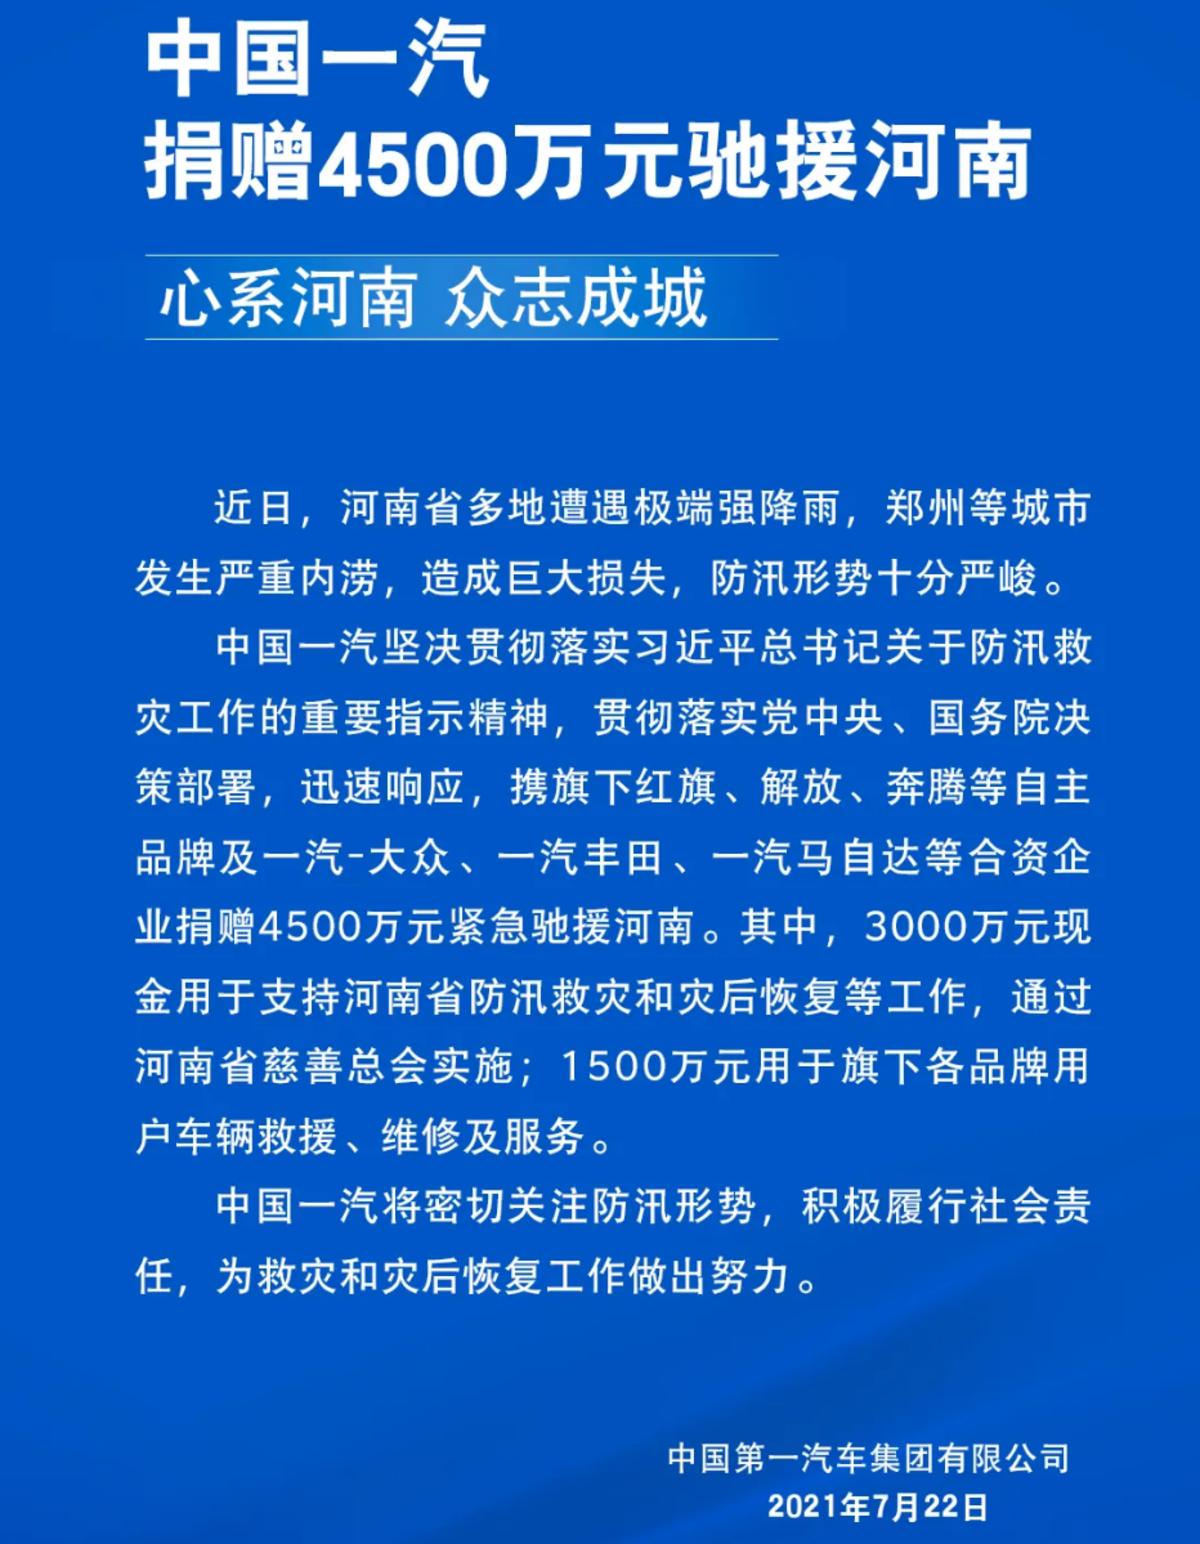 驰援河南!中国一汽、上汽集团、奇瑞控股纷纷大笔捐赠